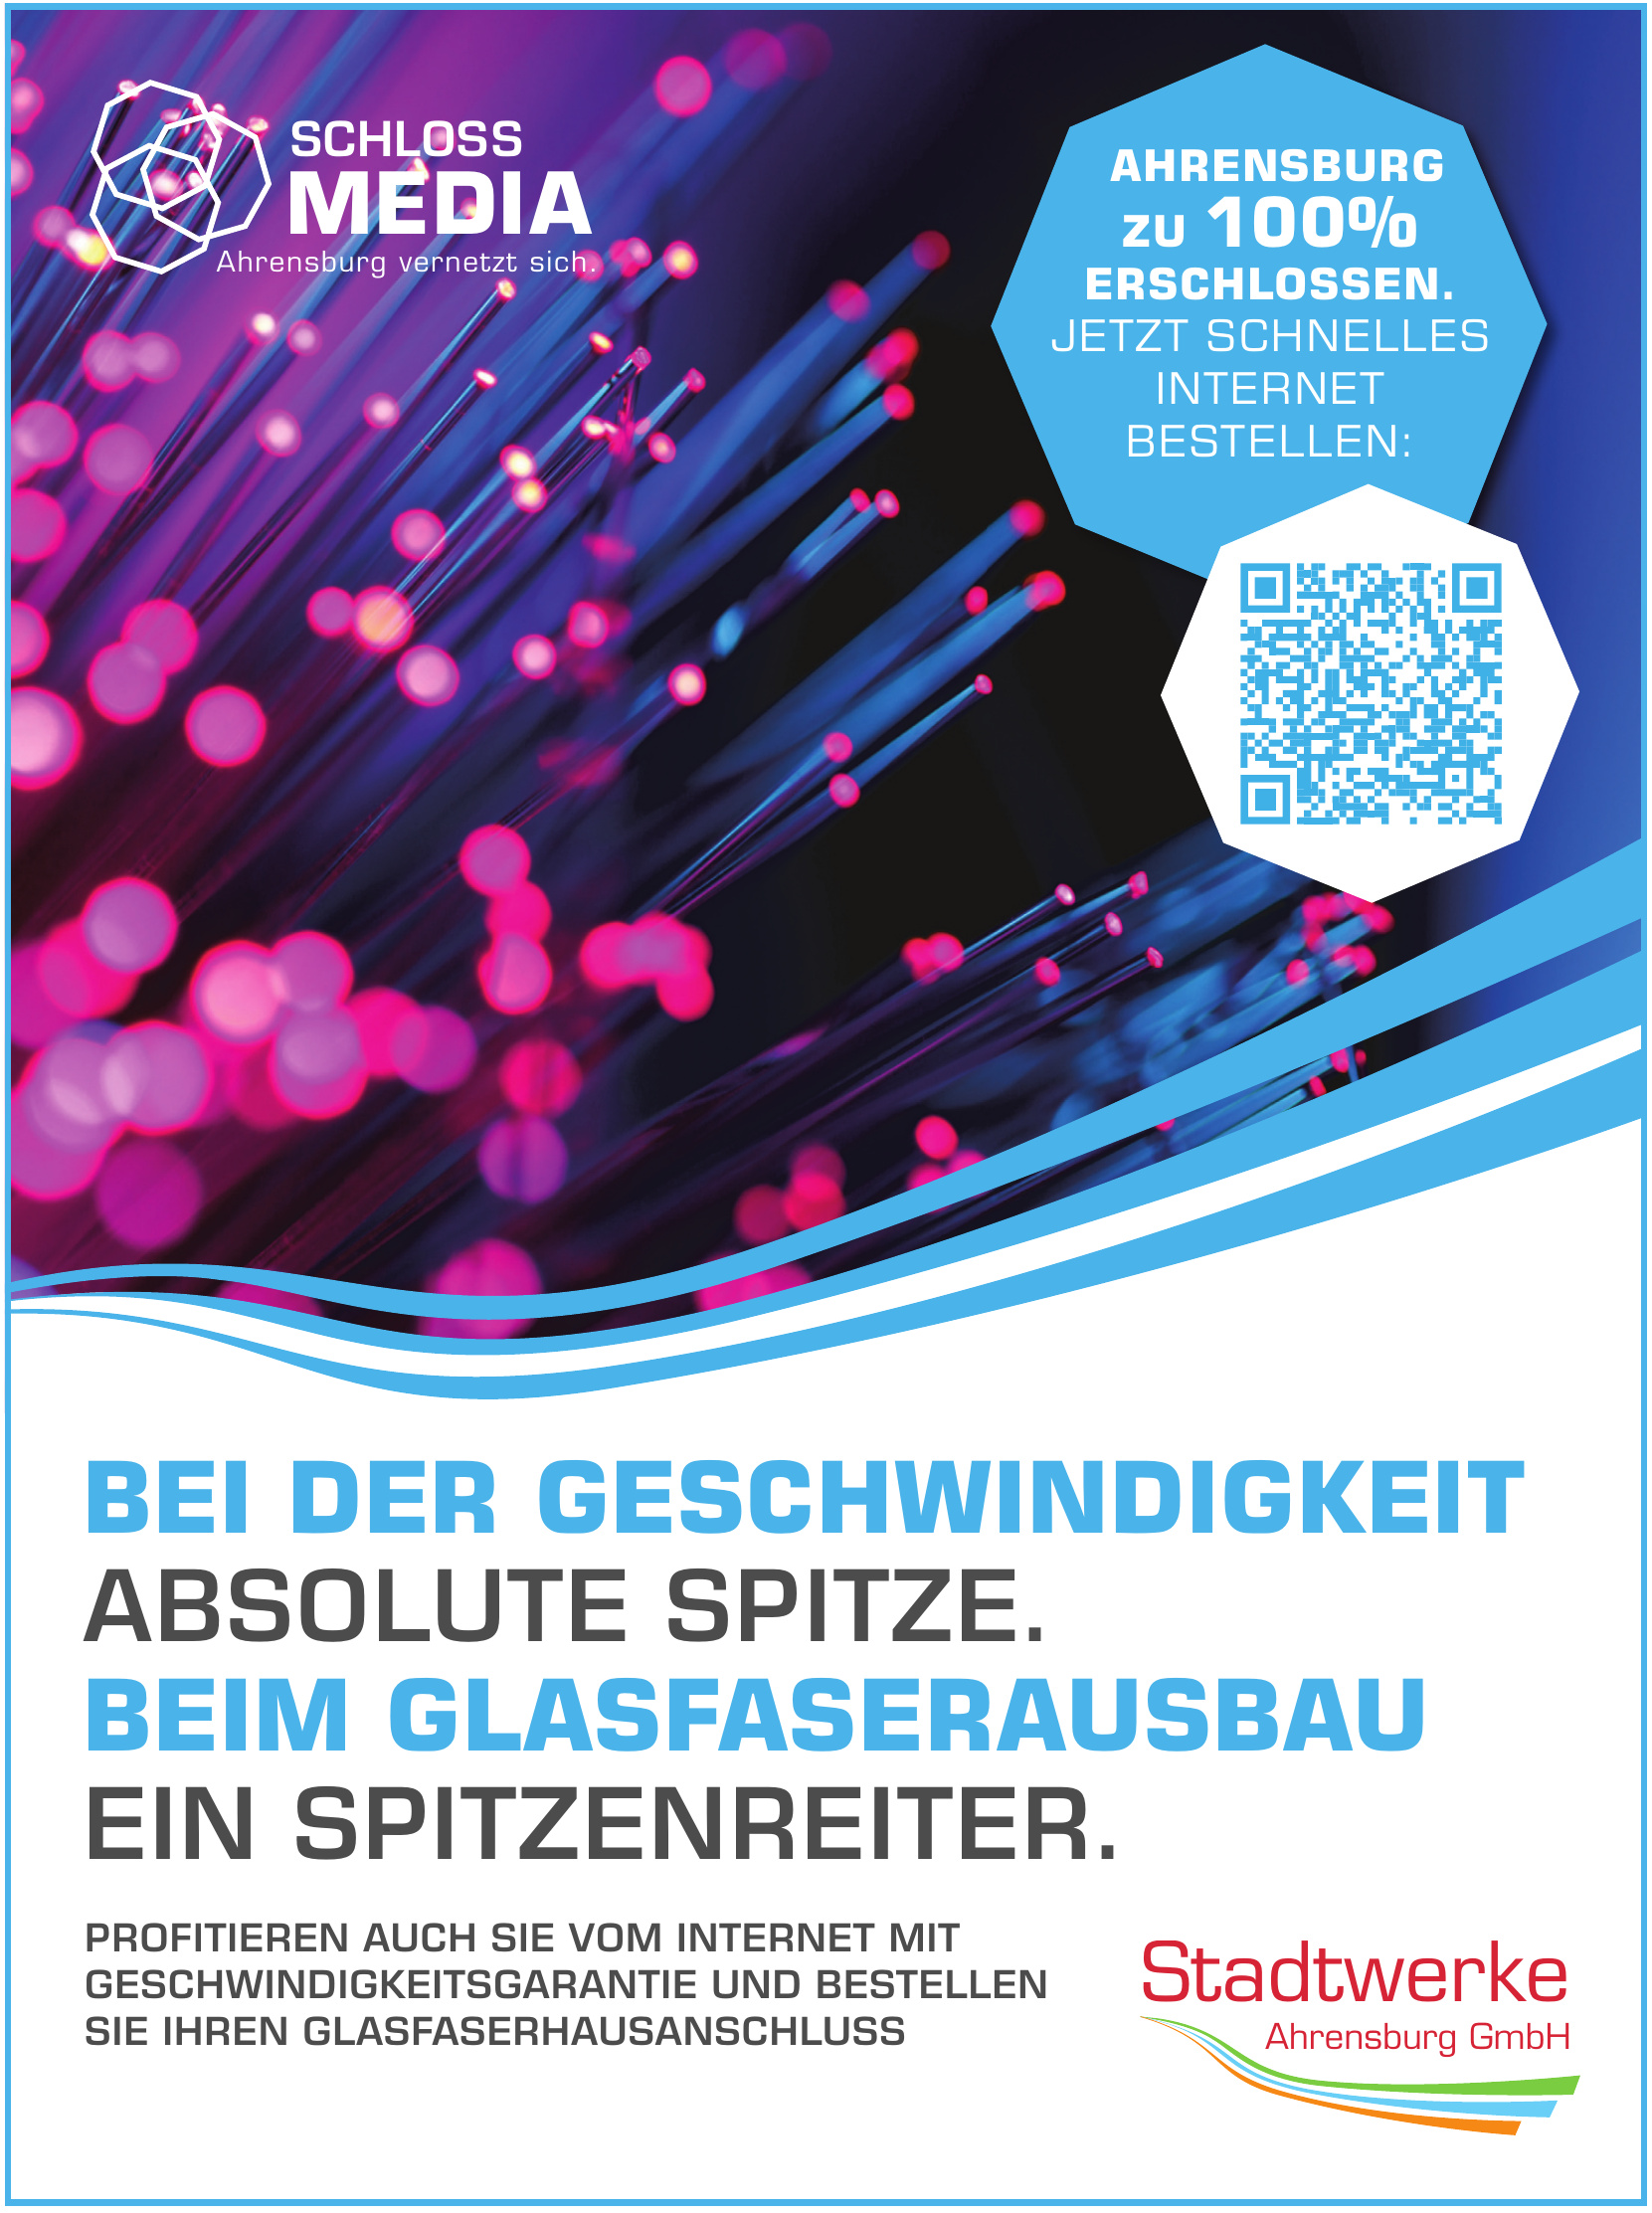 Stadtwerke Ahrensburg GmbH